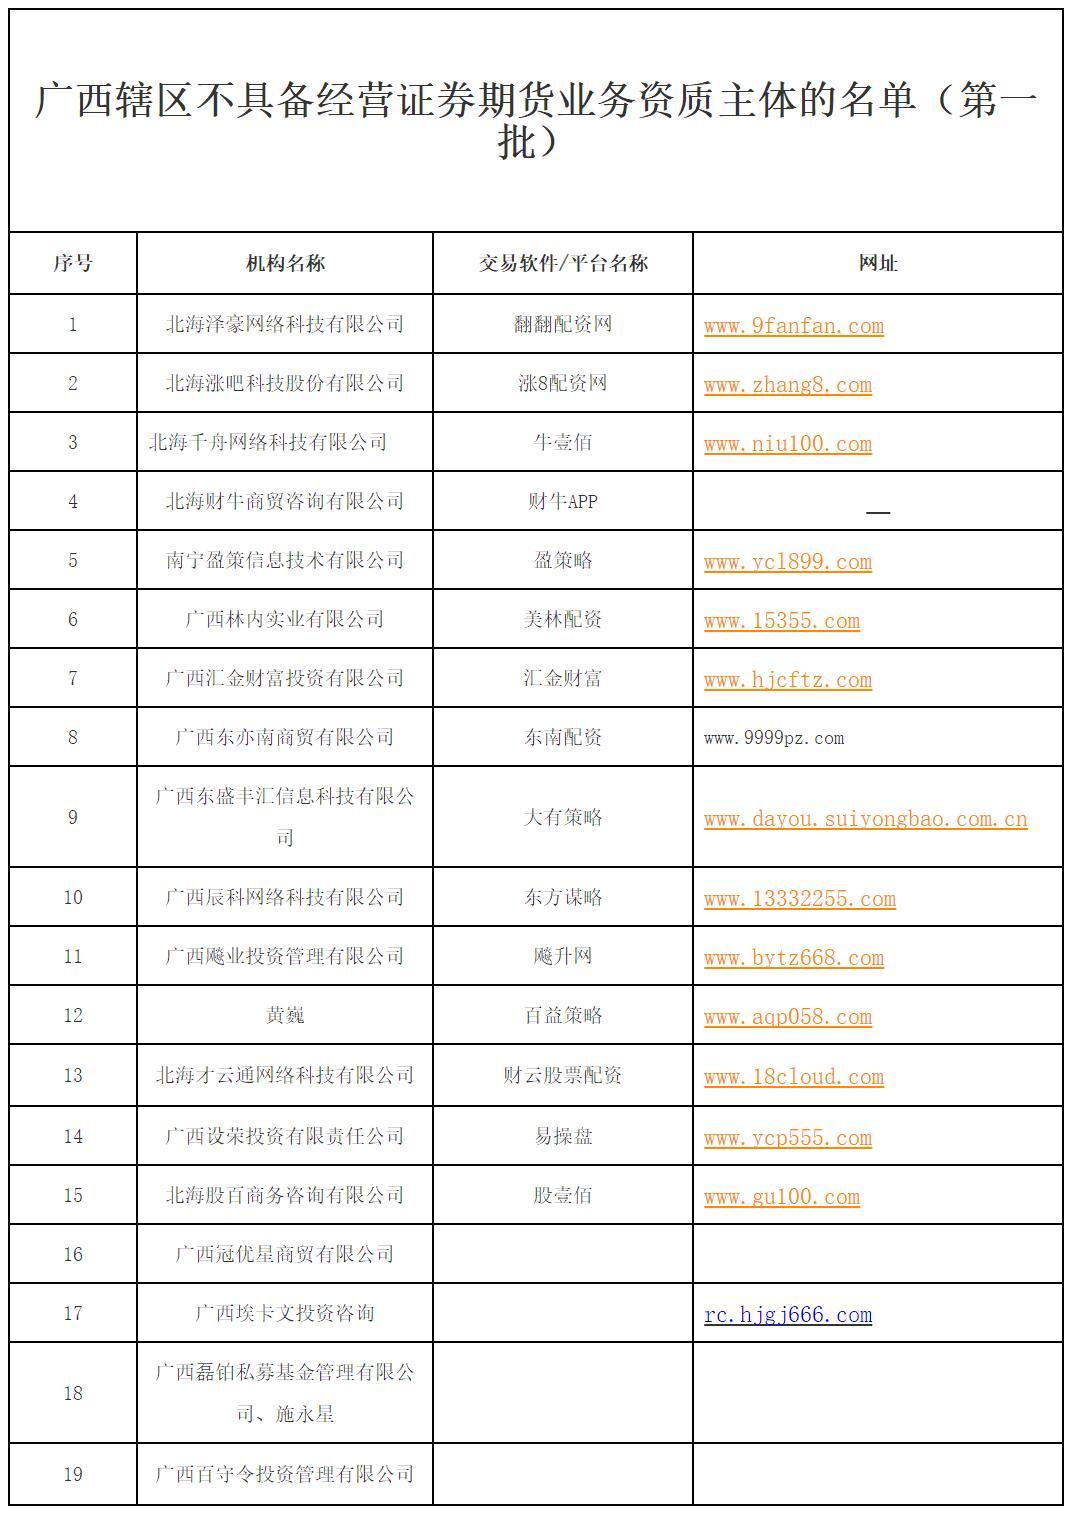 广西19家公司不具备经营证券期货业务资质被点名!